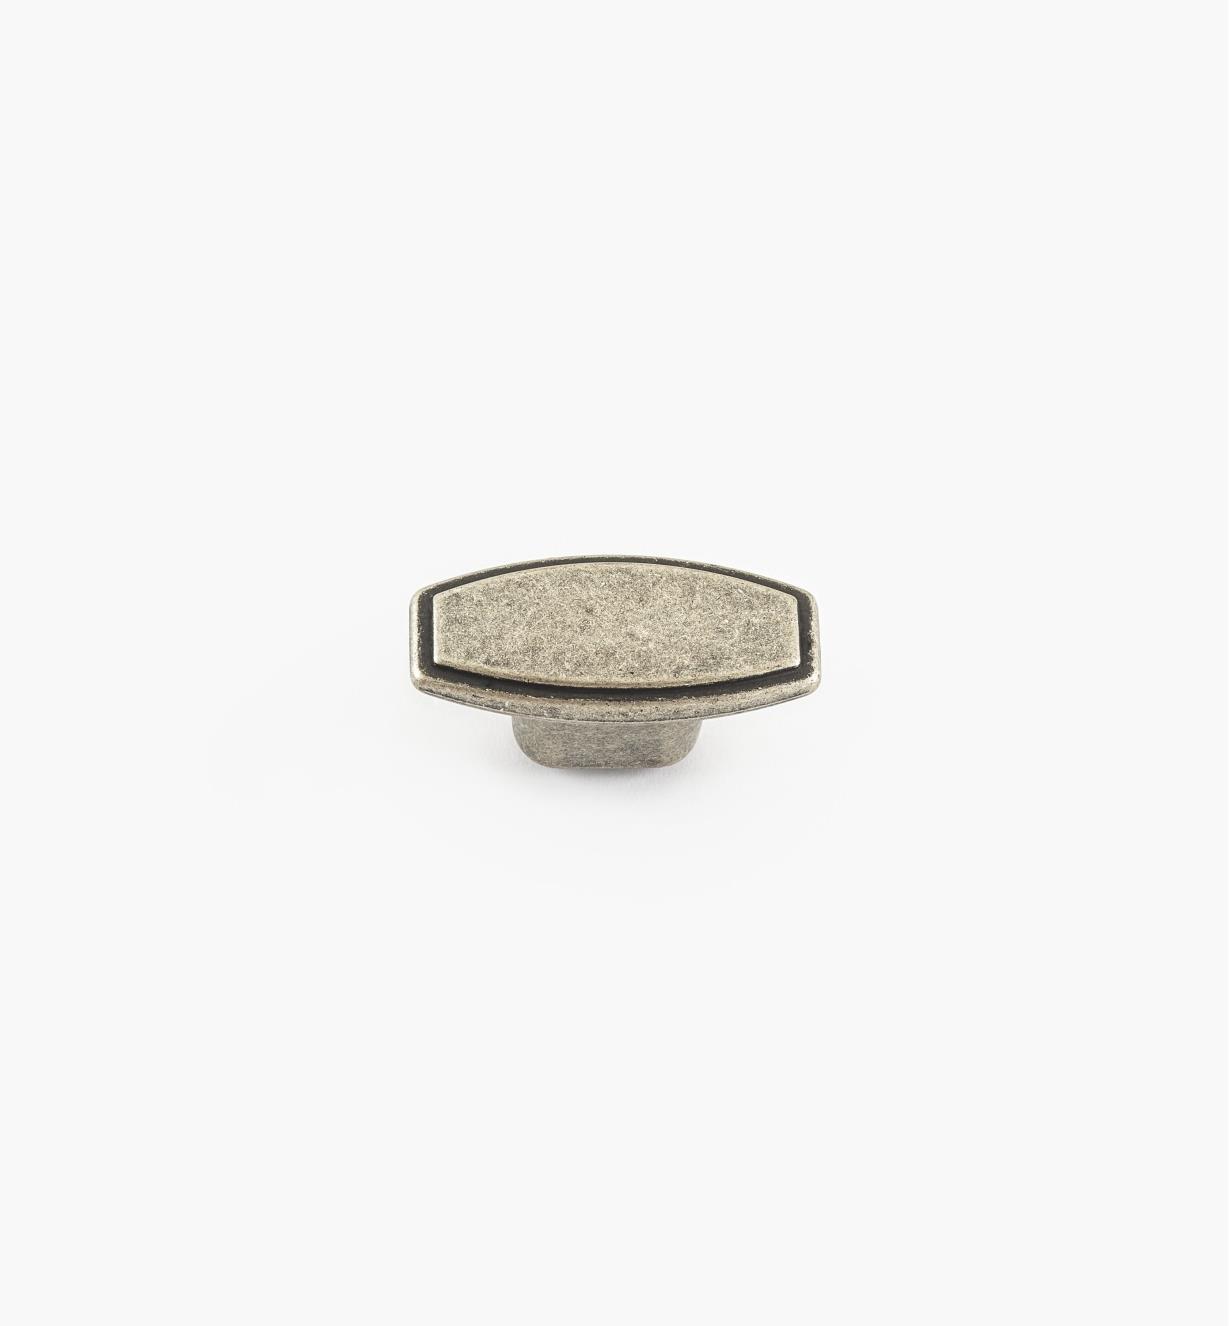 00A7672 - Bouton de 45 mm x 23 mm, série Decco, fini argent ancien